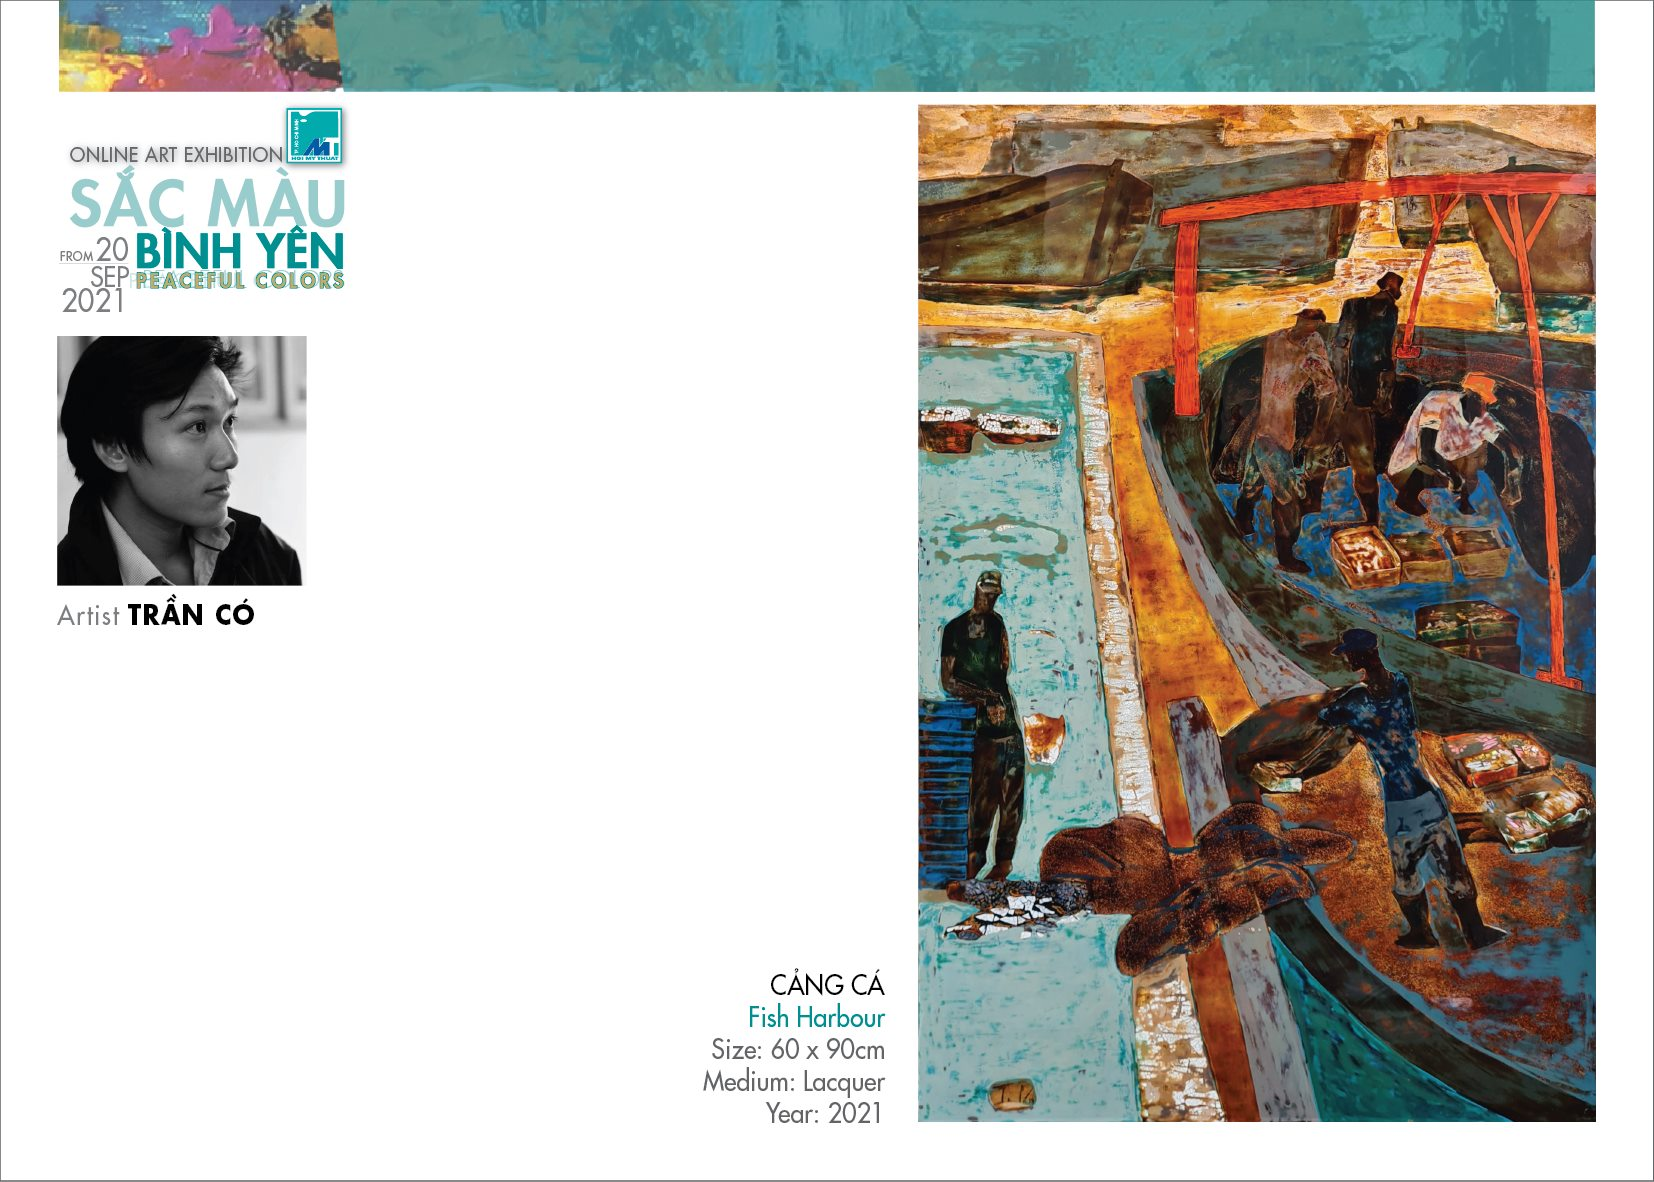 Tranh sơn mài Cảng cá của họa sĩ Trần Có